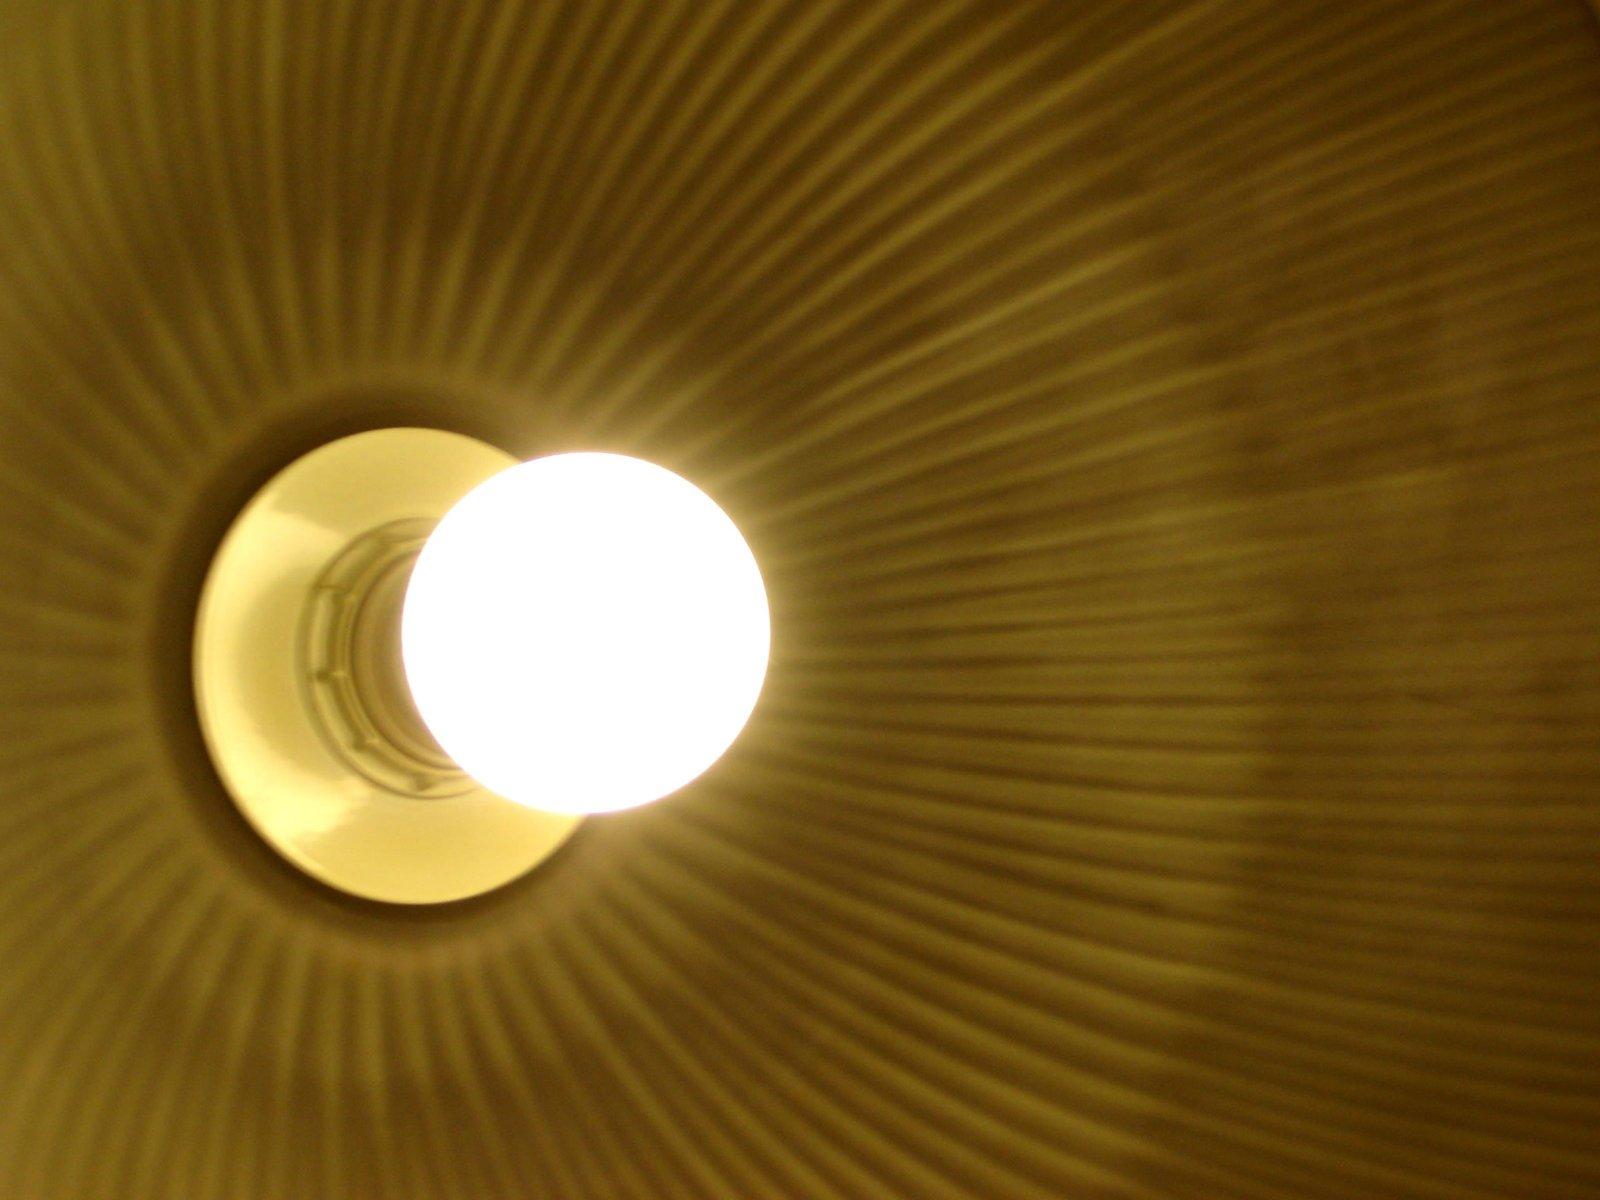 žiarovka, osvetlenie